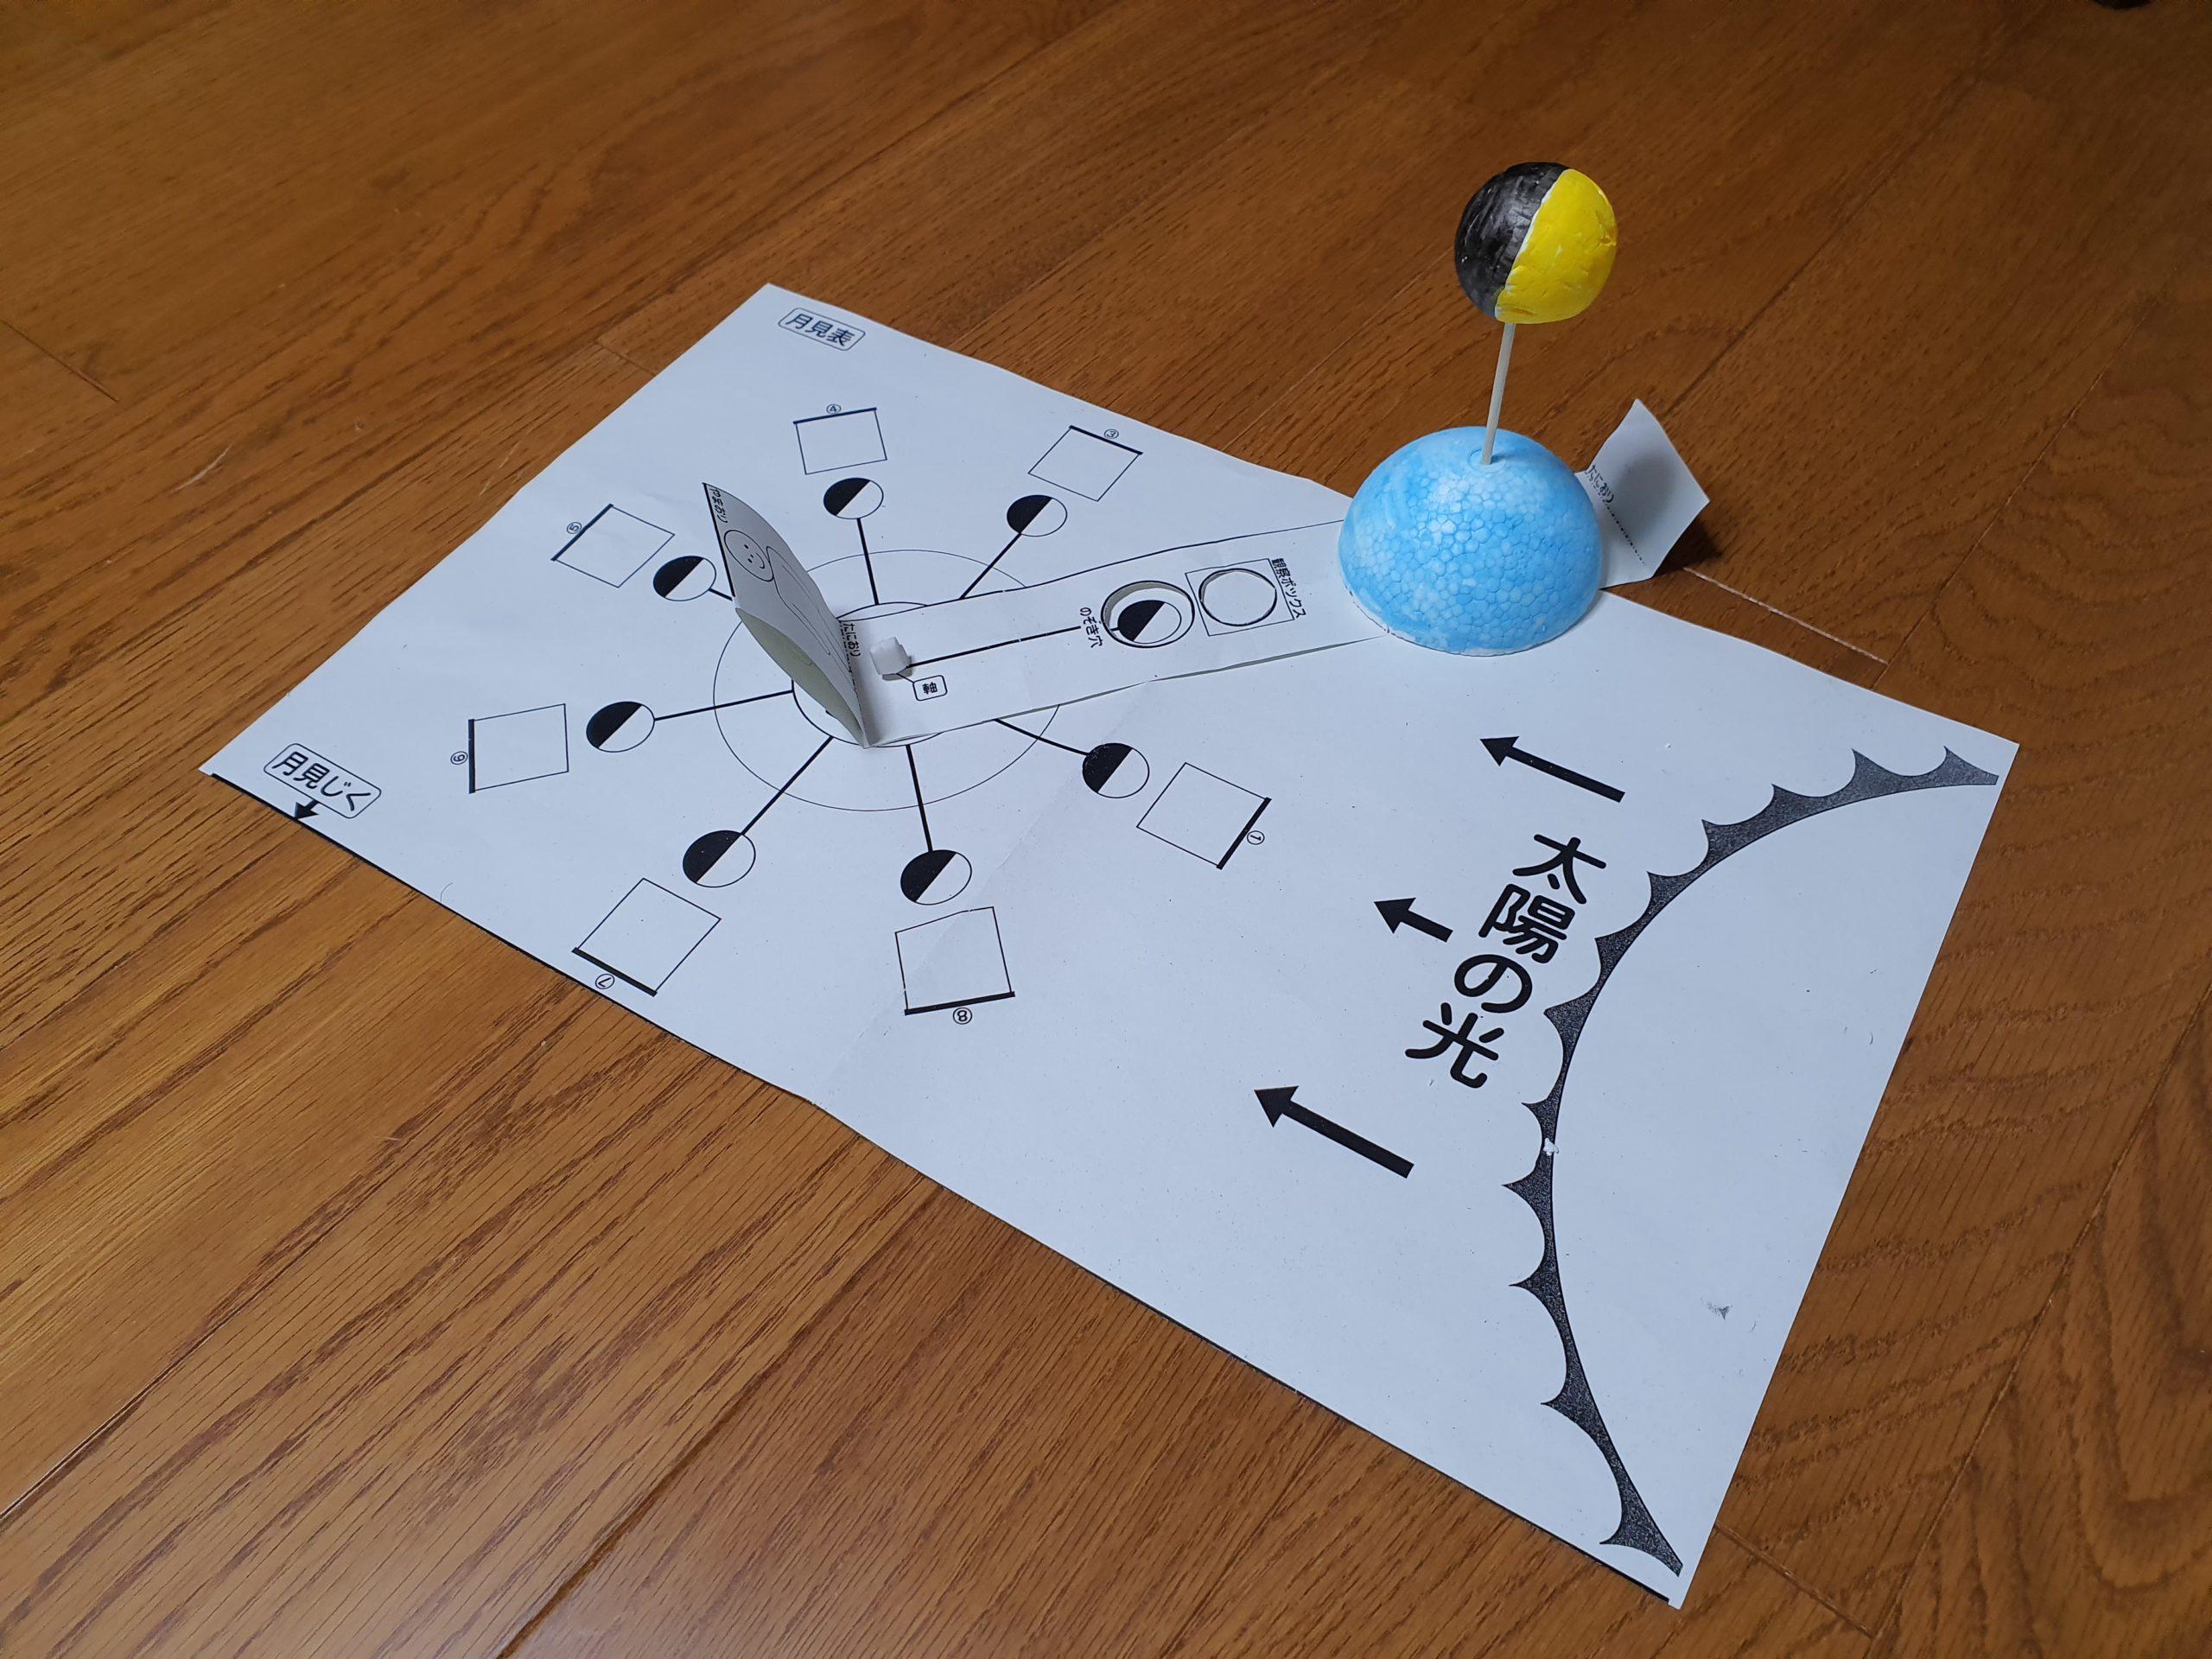 DAISOScienceの月の満ち欠け実験キットが授業で使える!